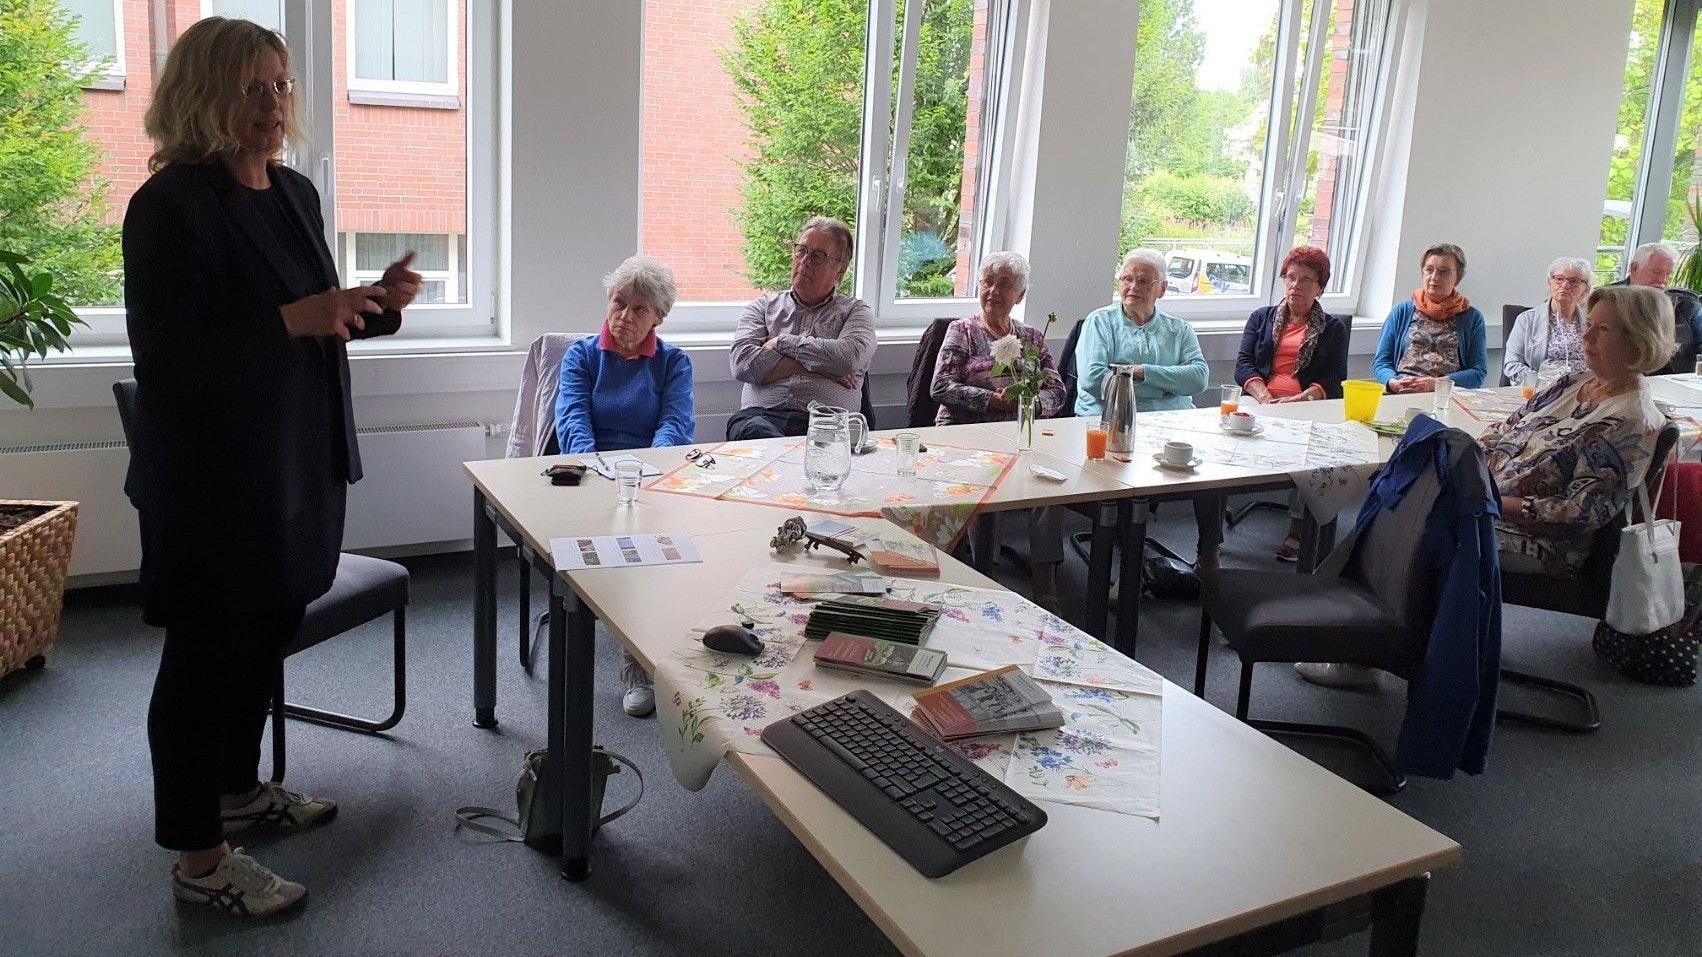 """Sprach ein letztes Mal bei den """"Machern"""": Die scheidende Museumsdorf-Direktorin Dr. Julia Schulte to Bühne (links) besuchte den Frühstückstreff.  Foto: Kessens"""